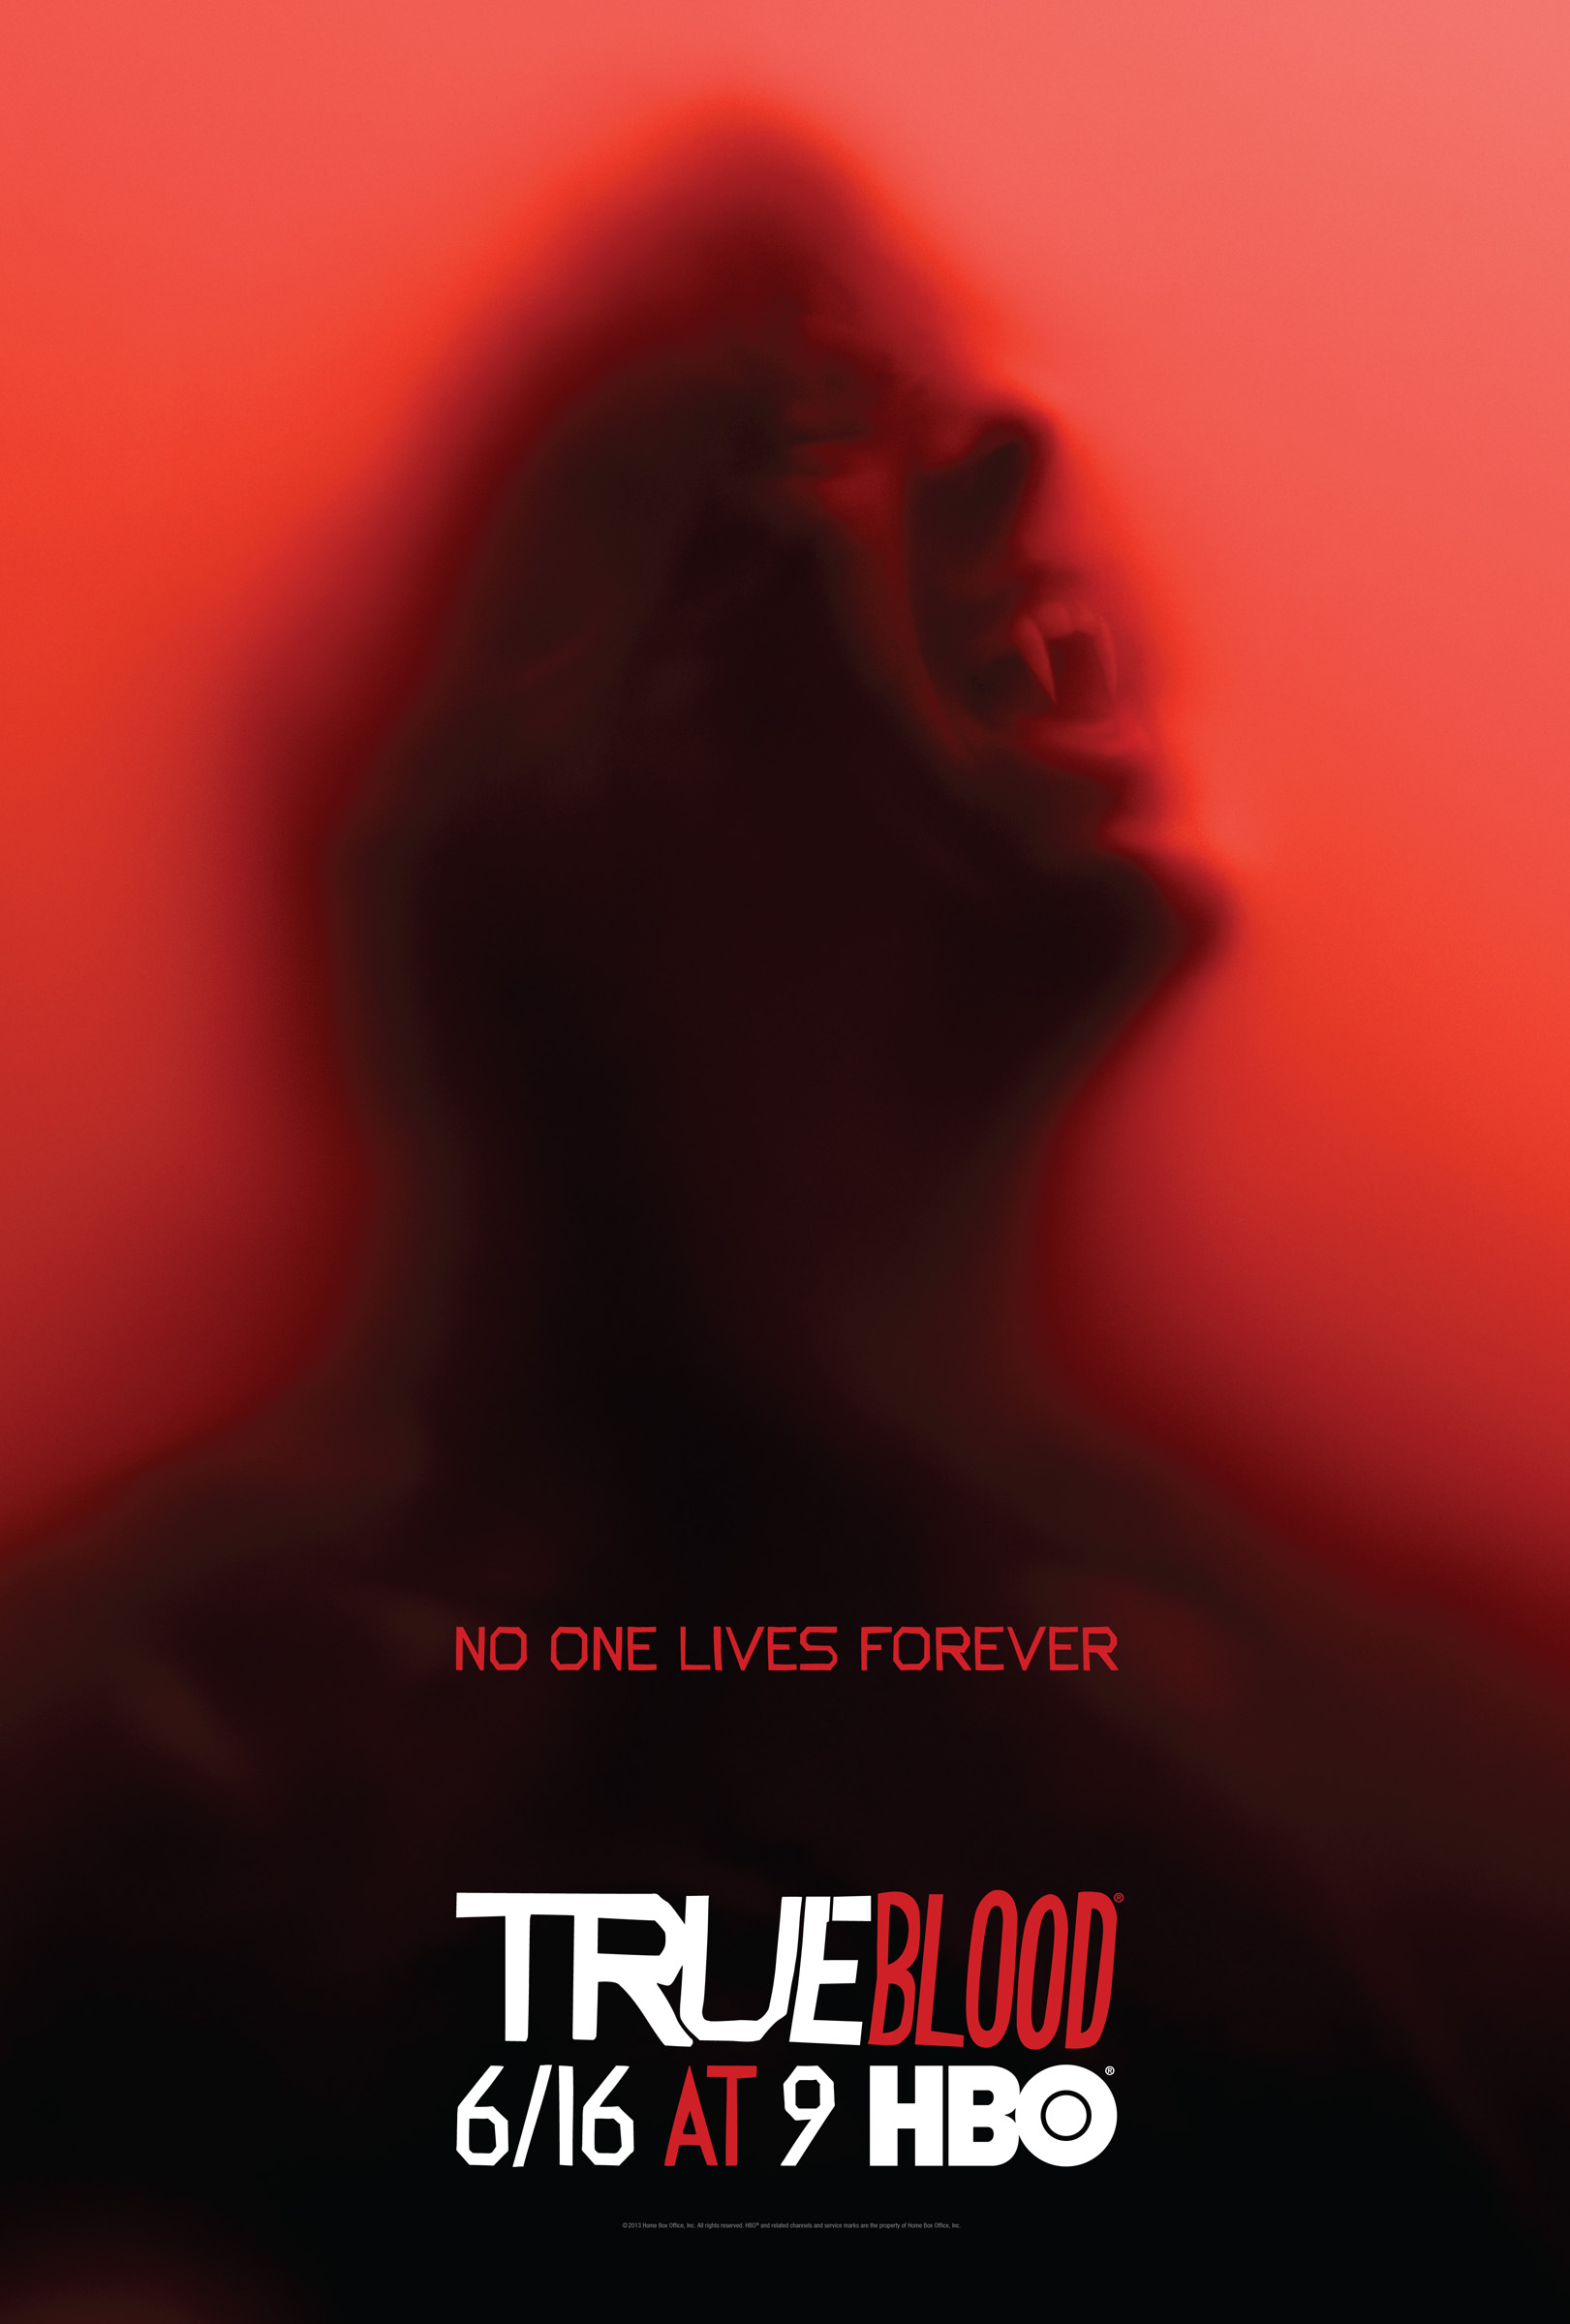 True Blood season 6 key art